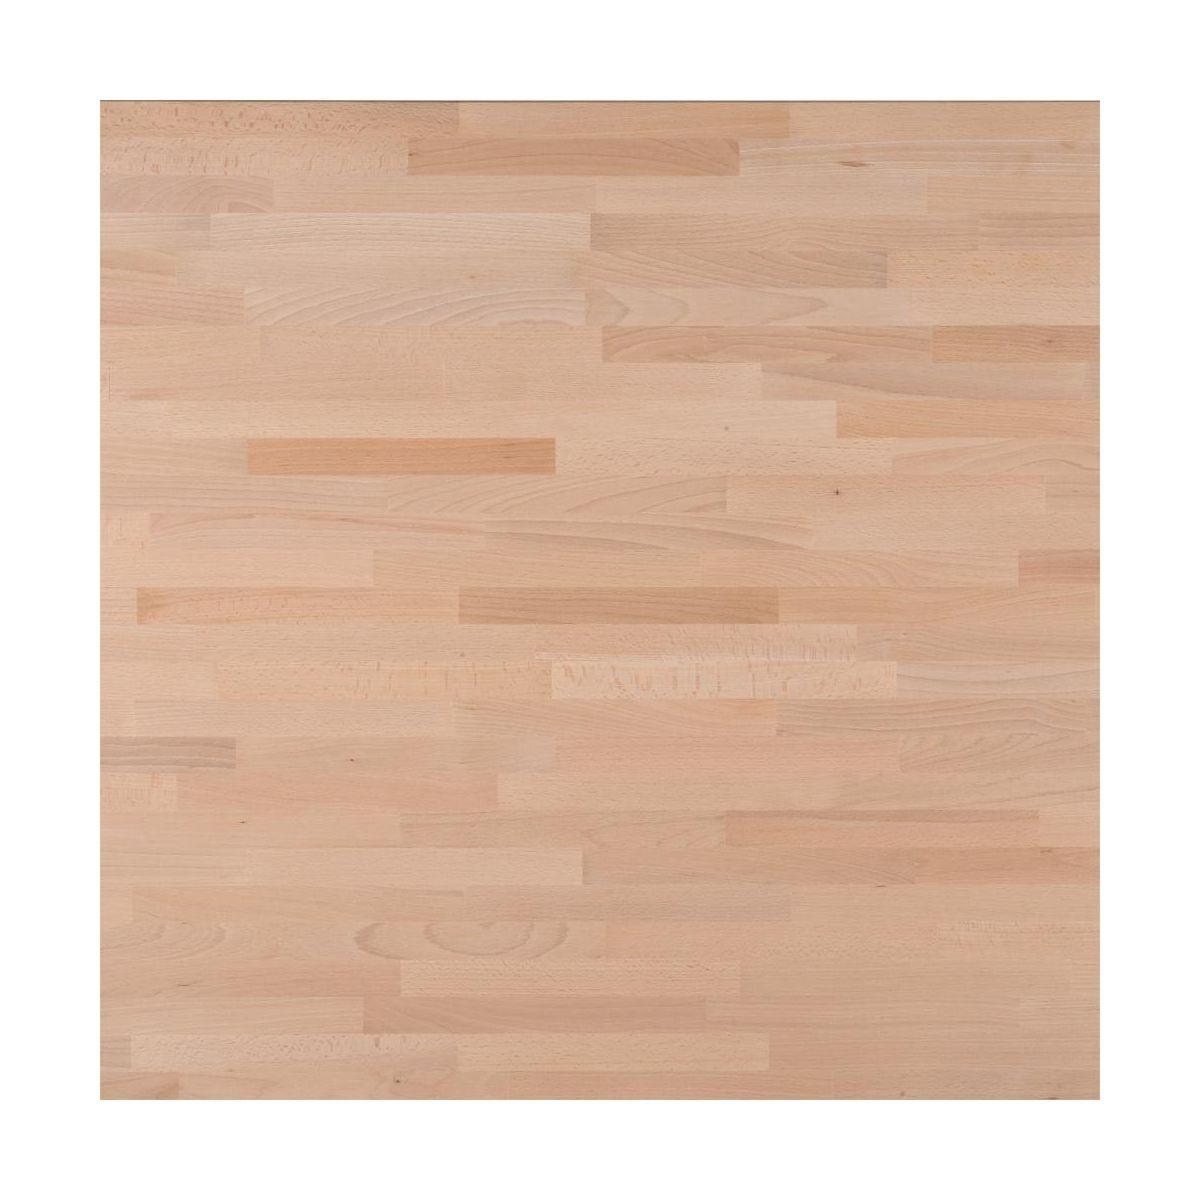 Blat Kuchenny Stolowy Drewniany Buk Pphu Extrans Blaty Drewniane W Atrakcyjnej Cenie W Sklepach Leroy Merlin Flooring Hardwood Floors Hardwood